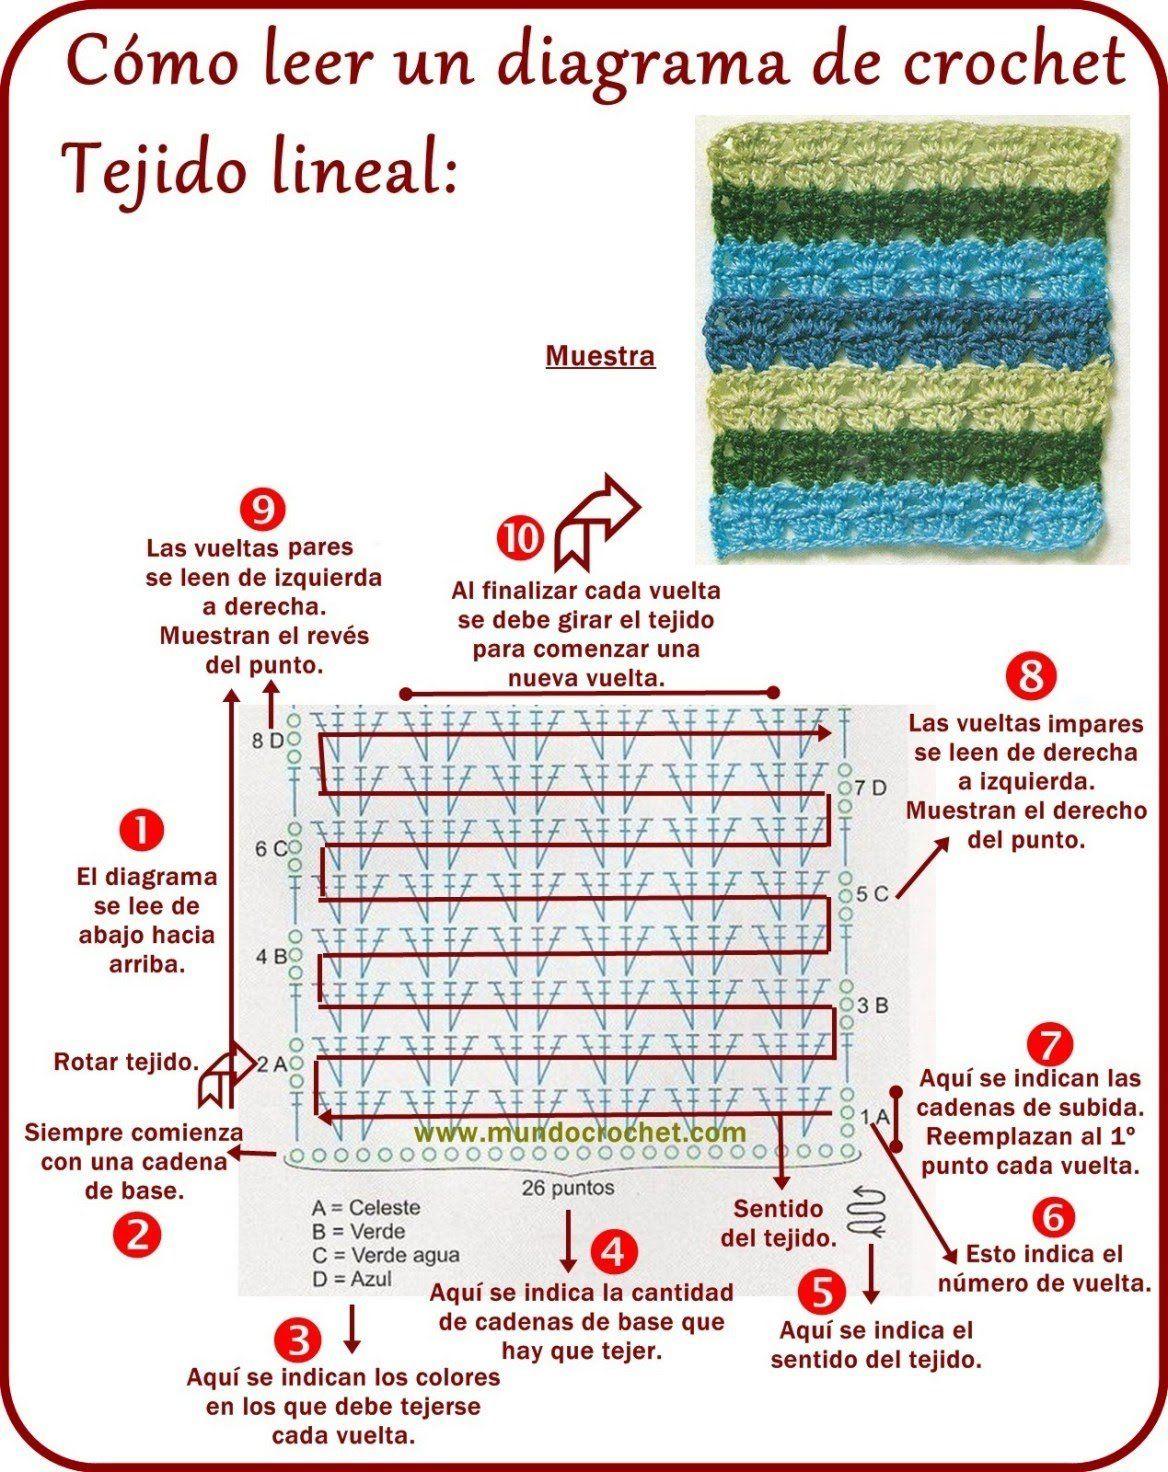 Como leer diagramas de crochet o ganchillo00 | El club del ganchillo ...